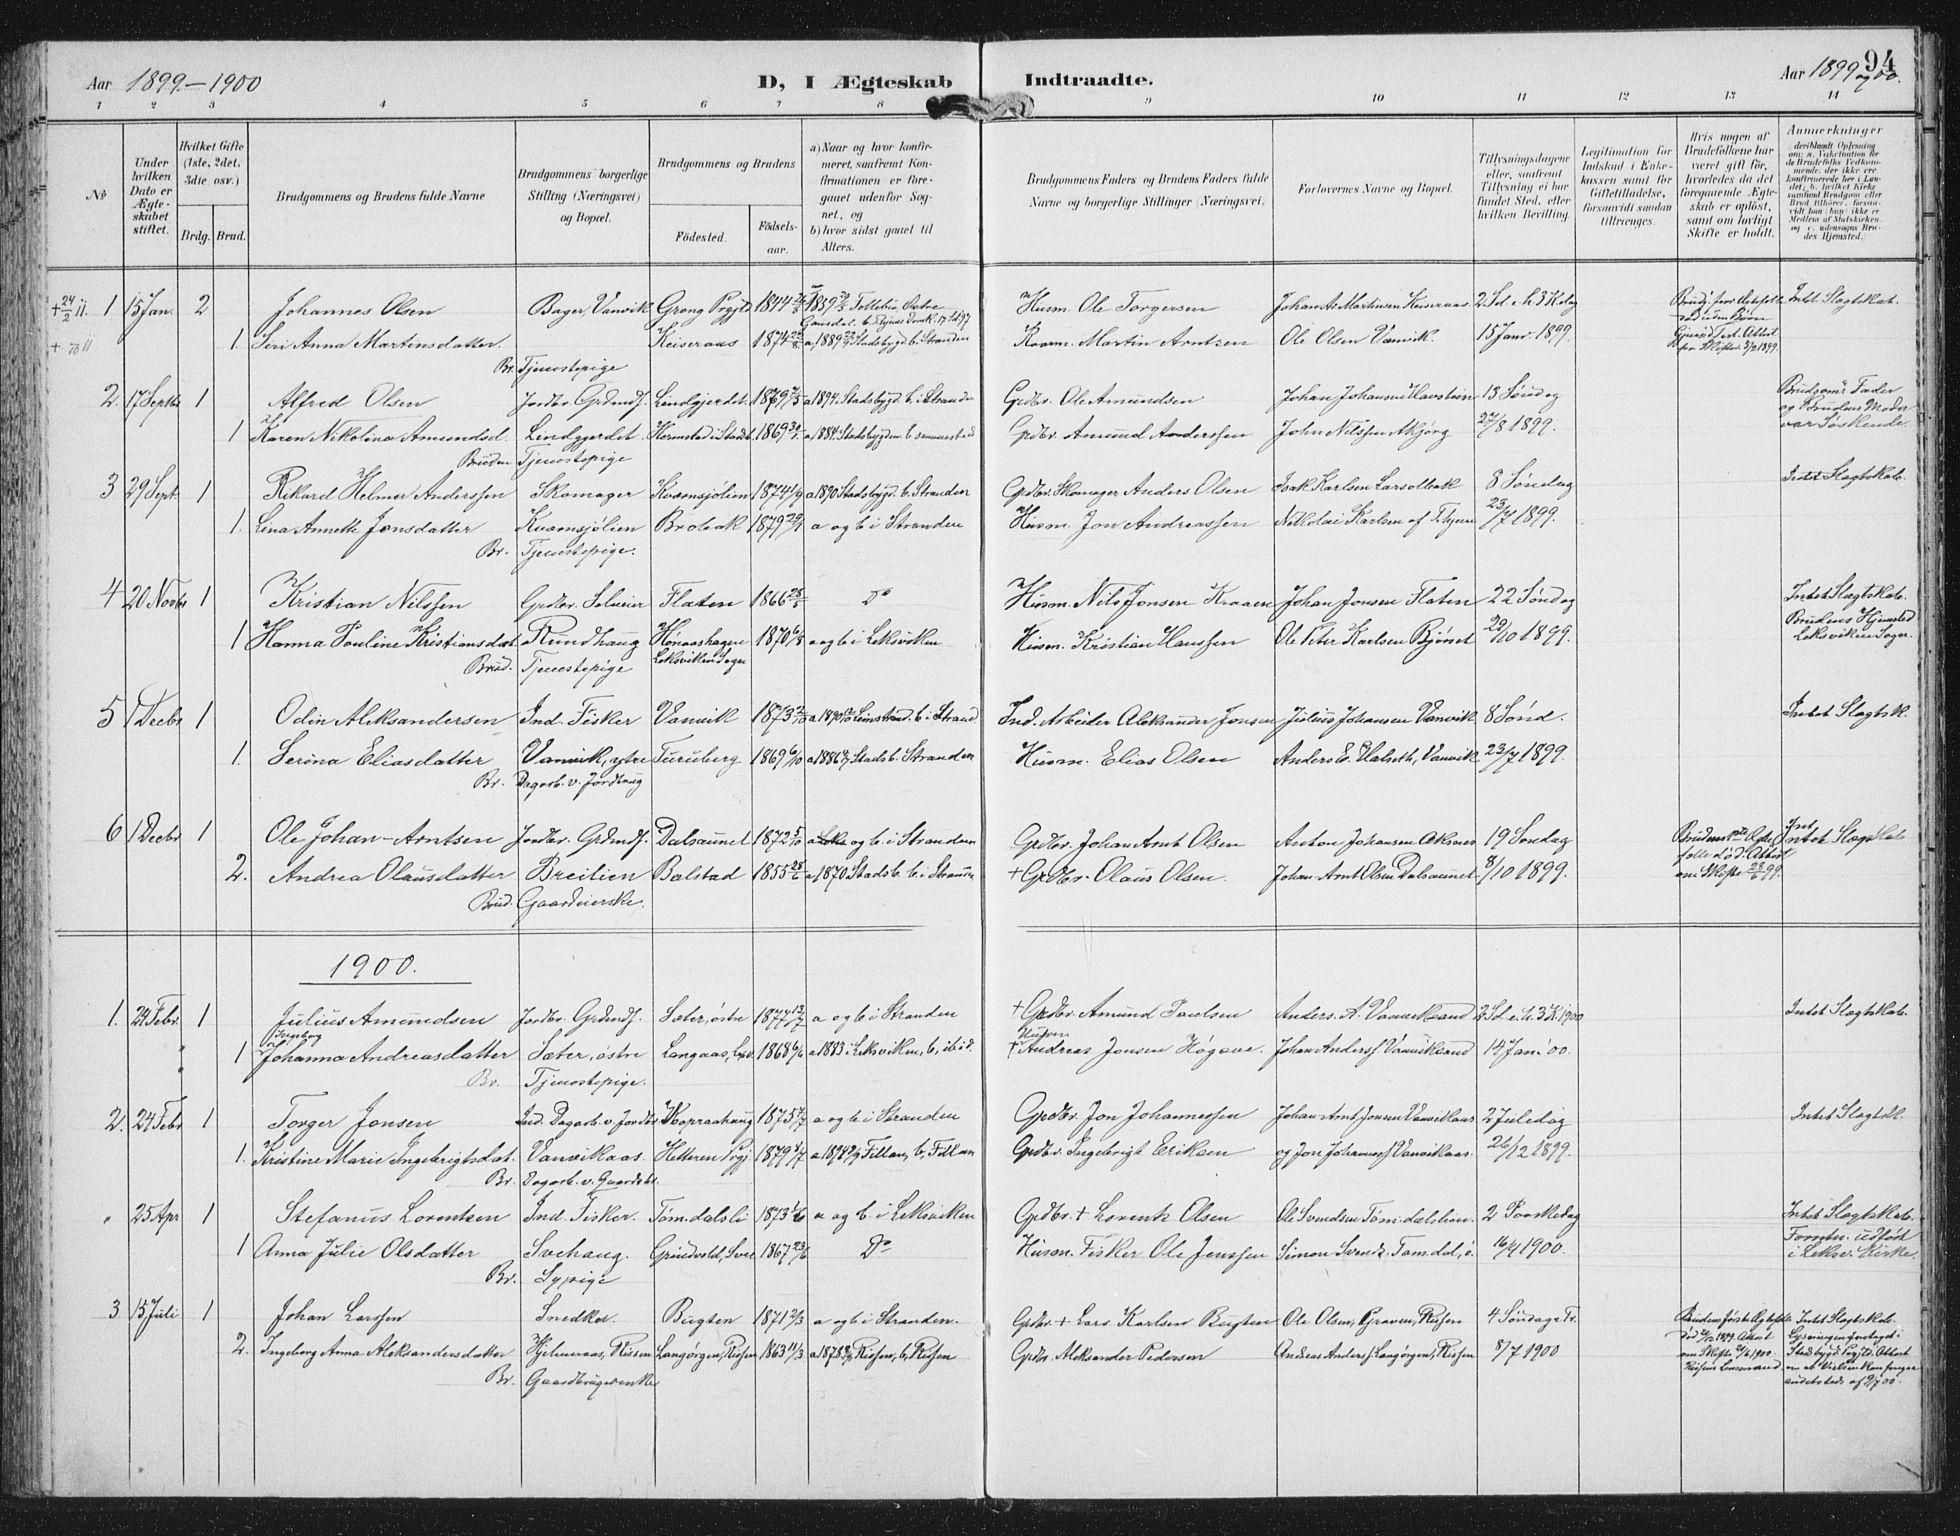 SAT, Ministerialprotokoller, klokkerbøker og fødselsregistre - Nord-Trøndelag, 702/L0024: Ministerialbok nr. 702A02, 1898-1914, s. 94